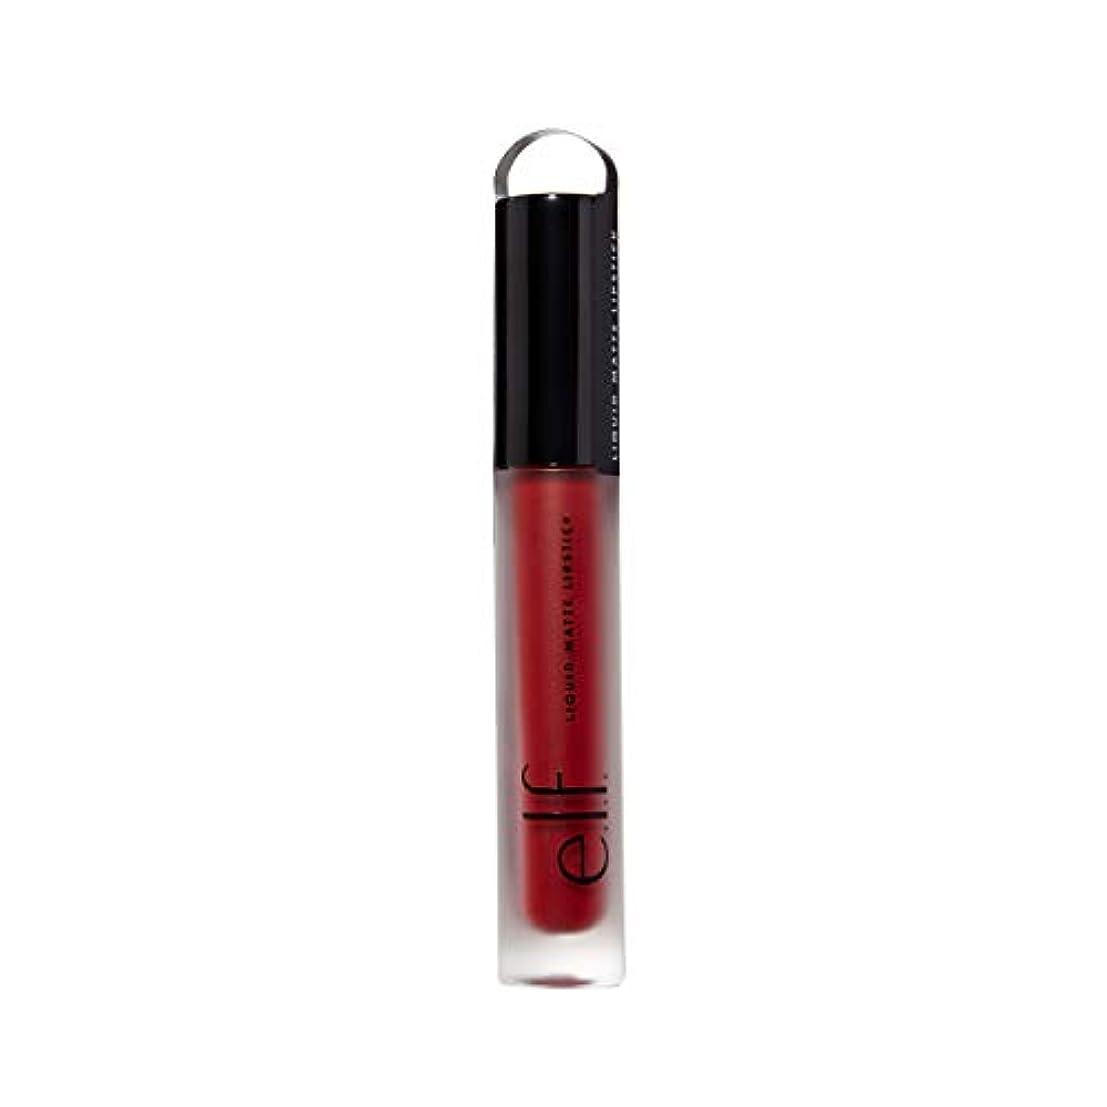 死にかけているこれら幻影e.l.f. Liquid Matte Lipstick - Red Vixen (並行輸入品)